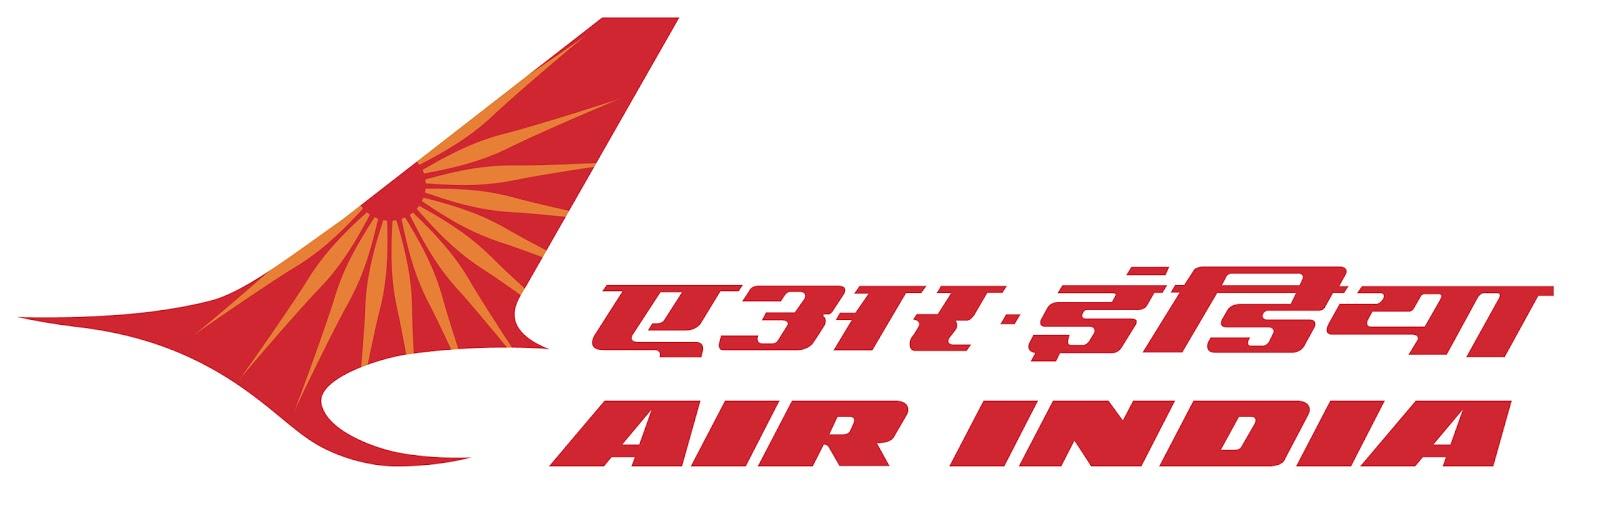 Vector Logos High Resolution Logos Logo Designs Air India